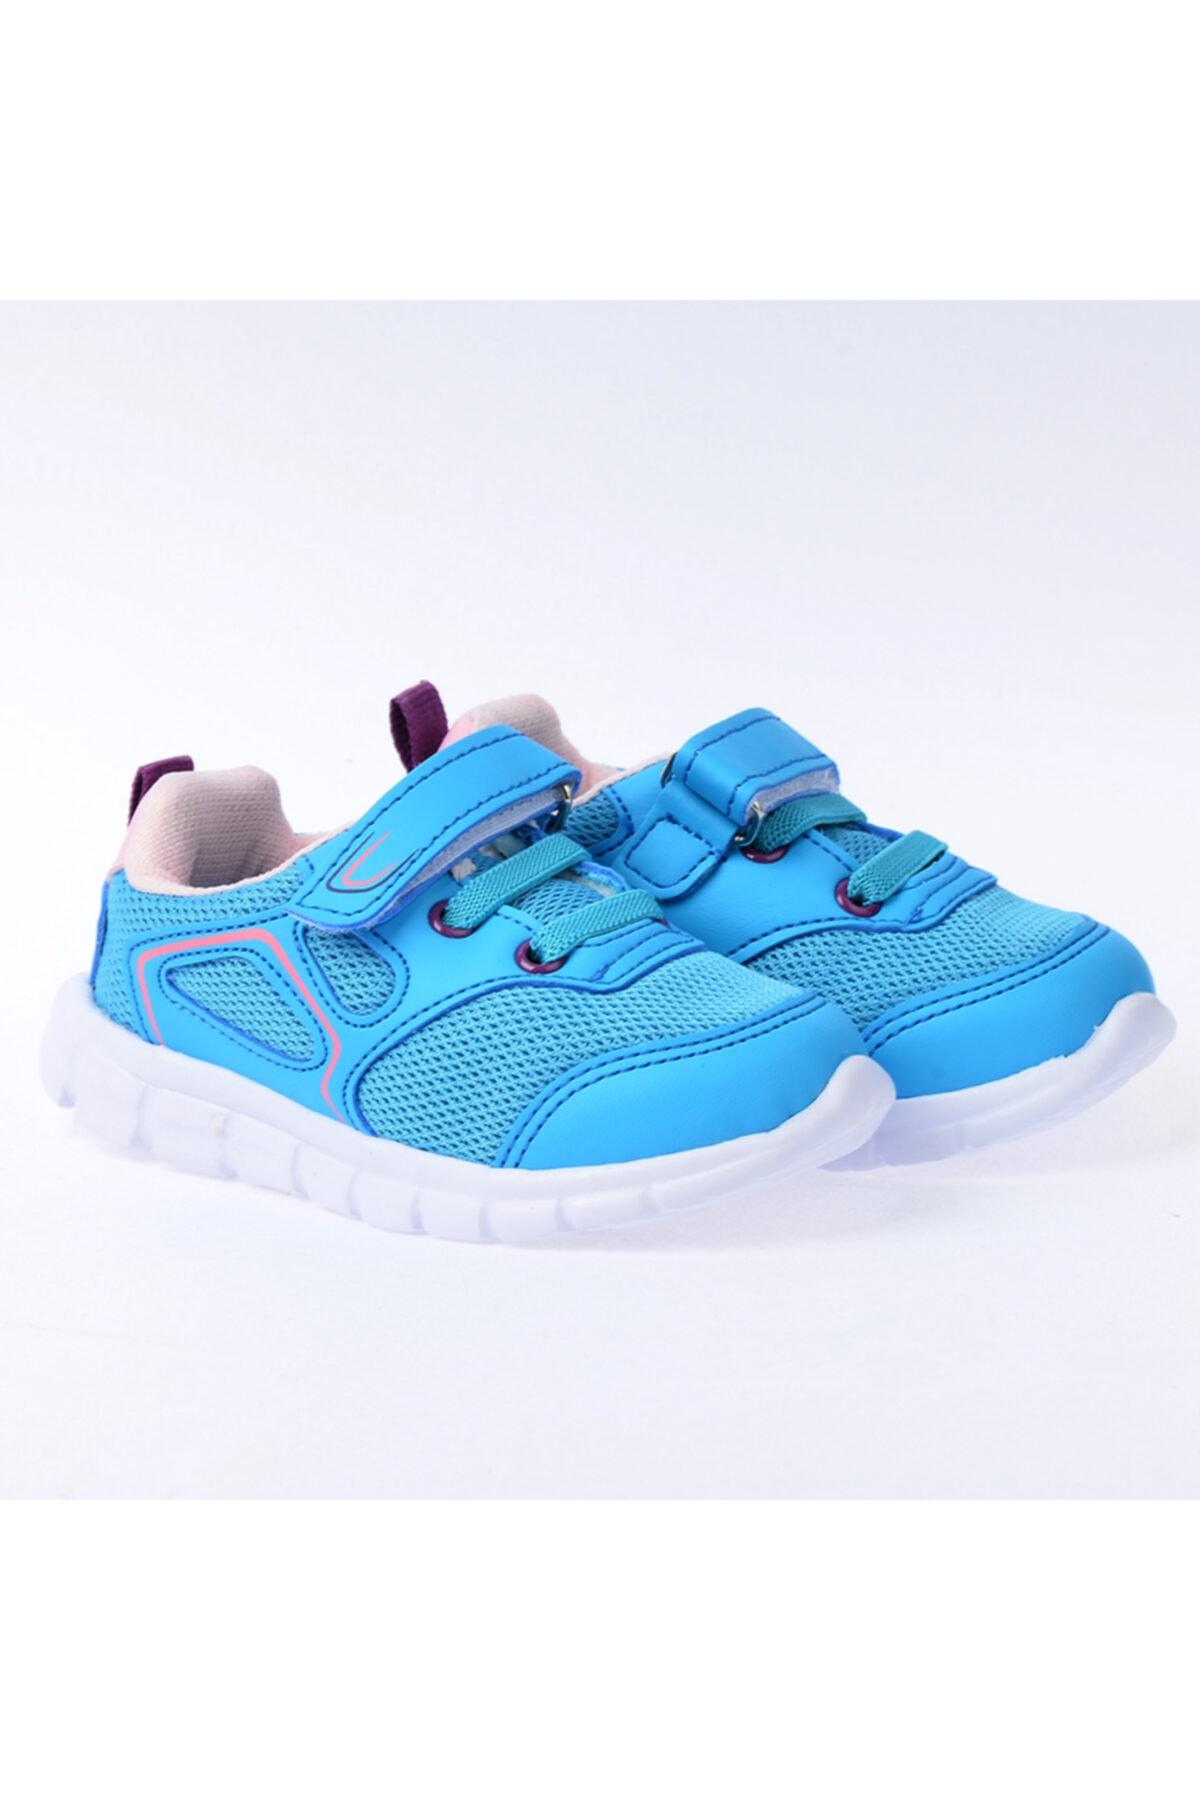 Kiko Kids Kız Erkek Çocuk Spor Ayakkabı 1